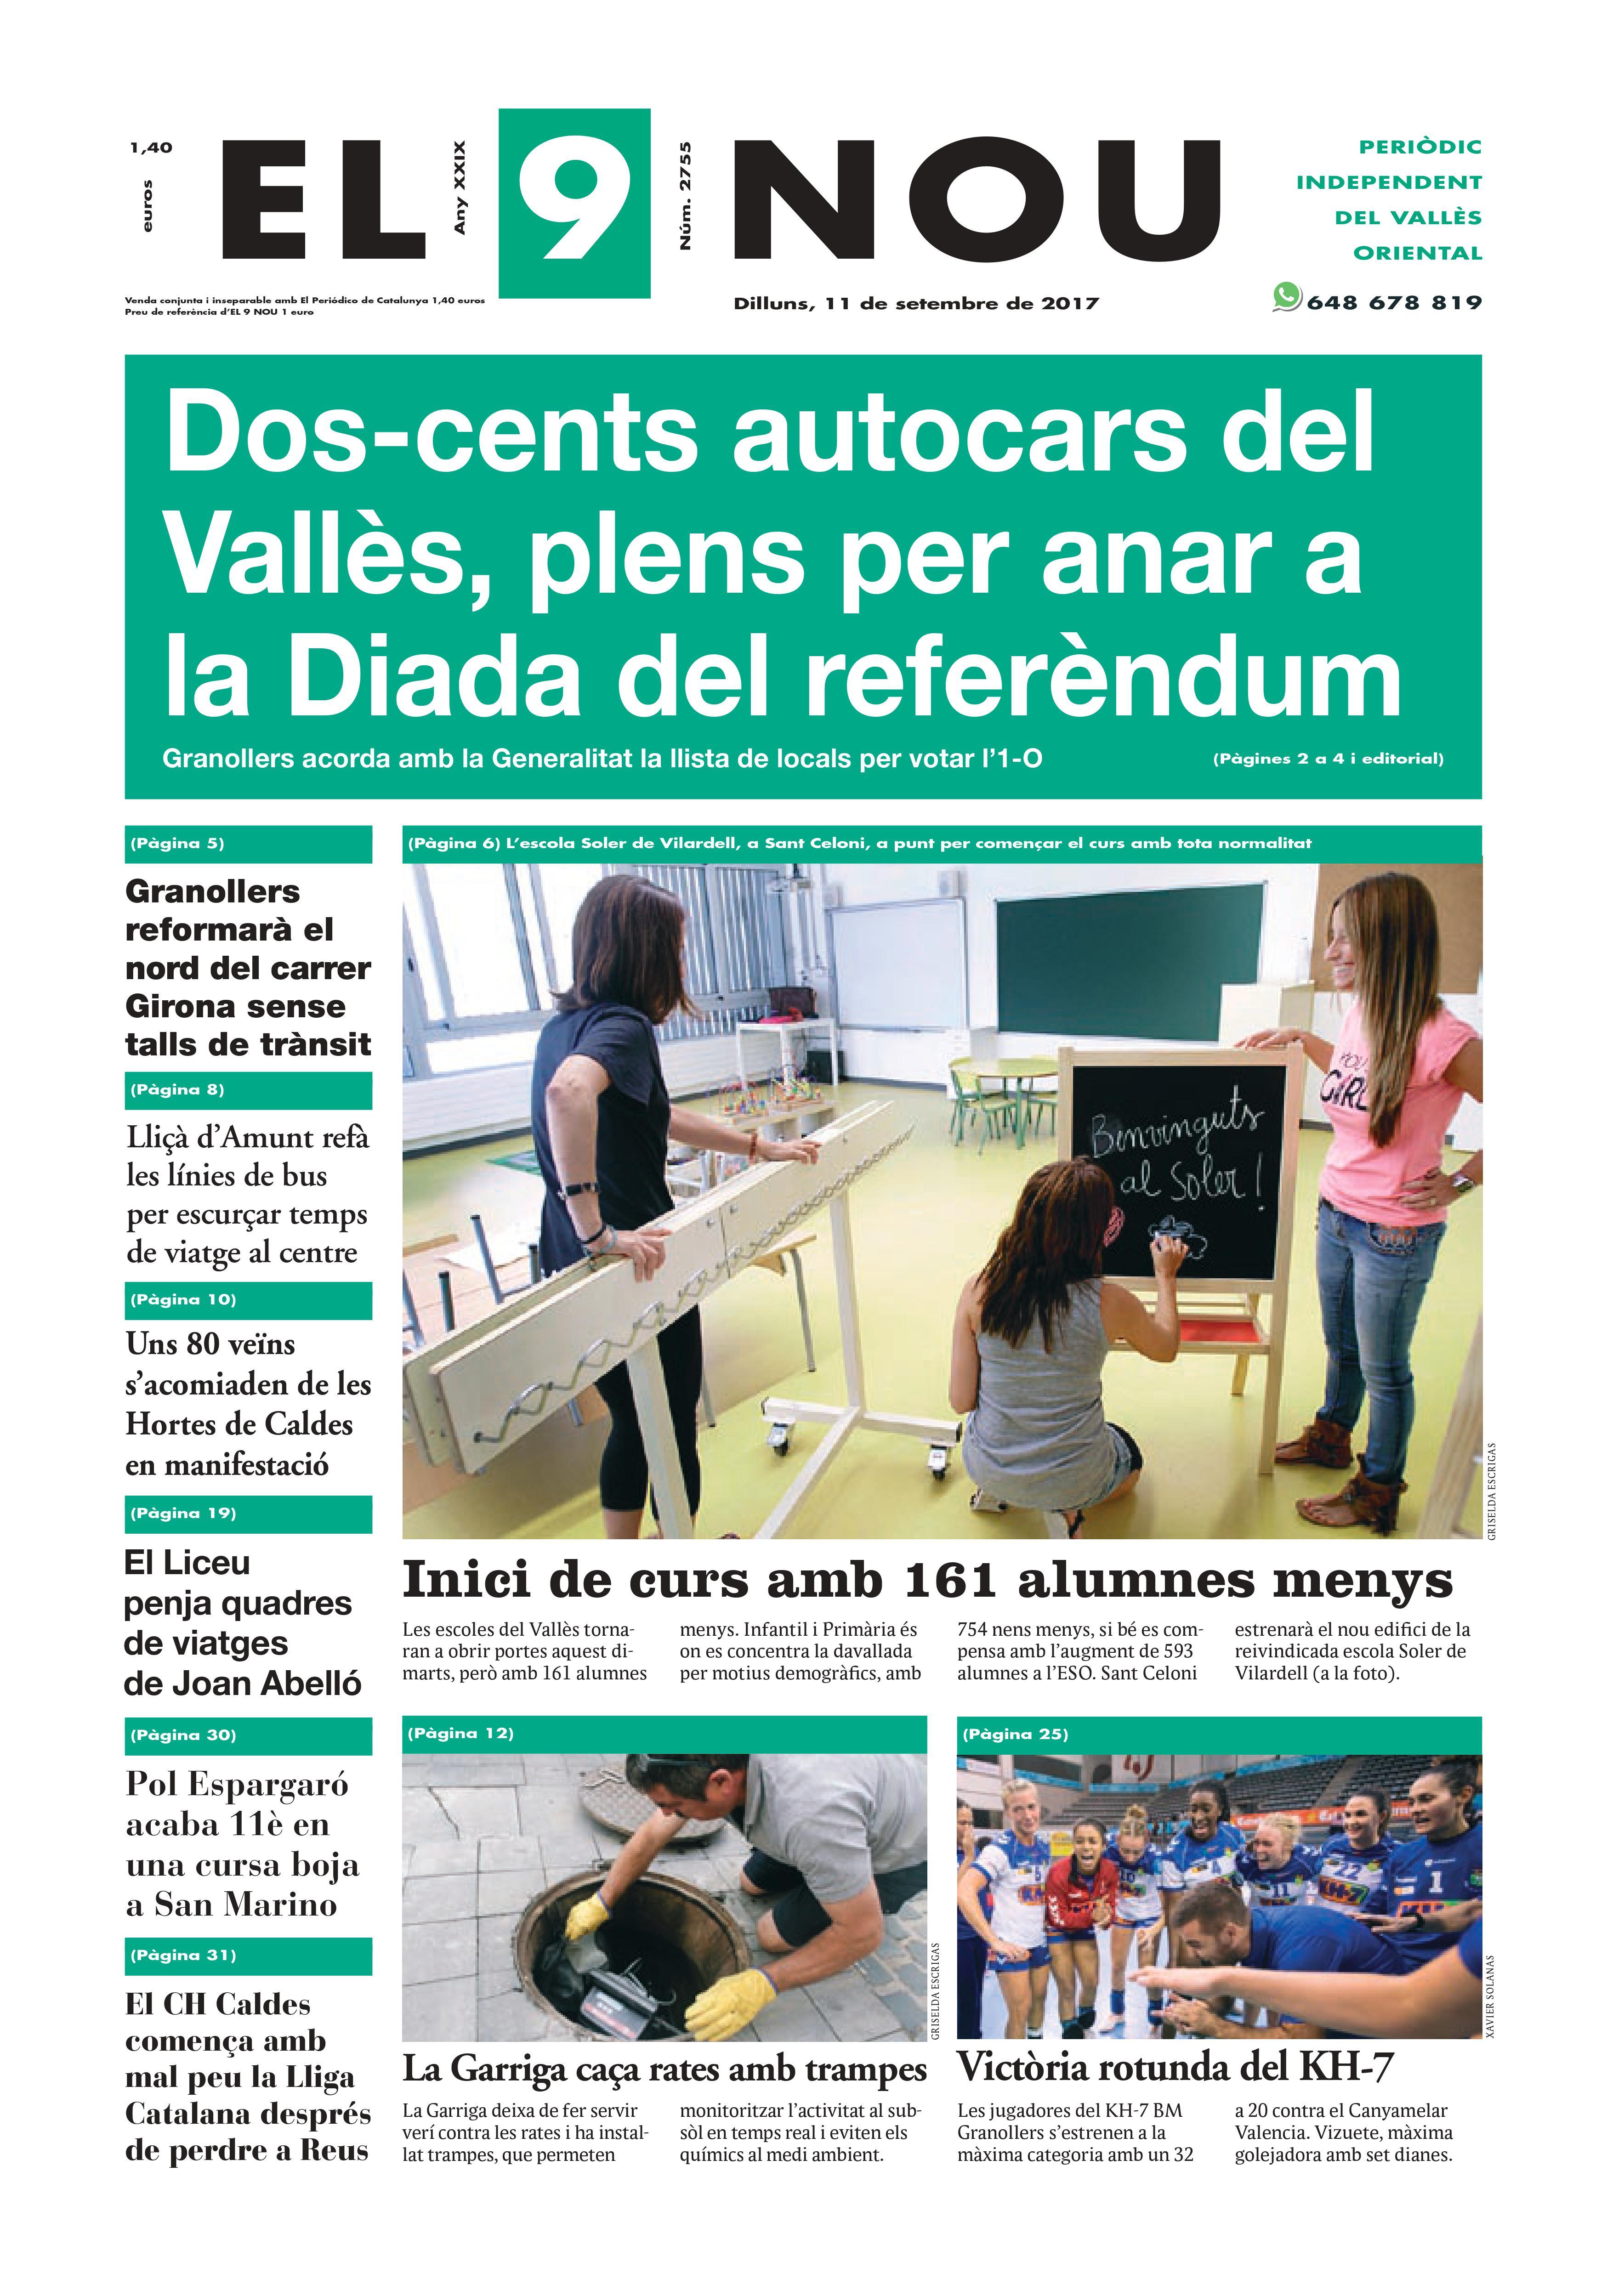 La portada del dilluns 11 de setembre de 2017